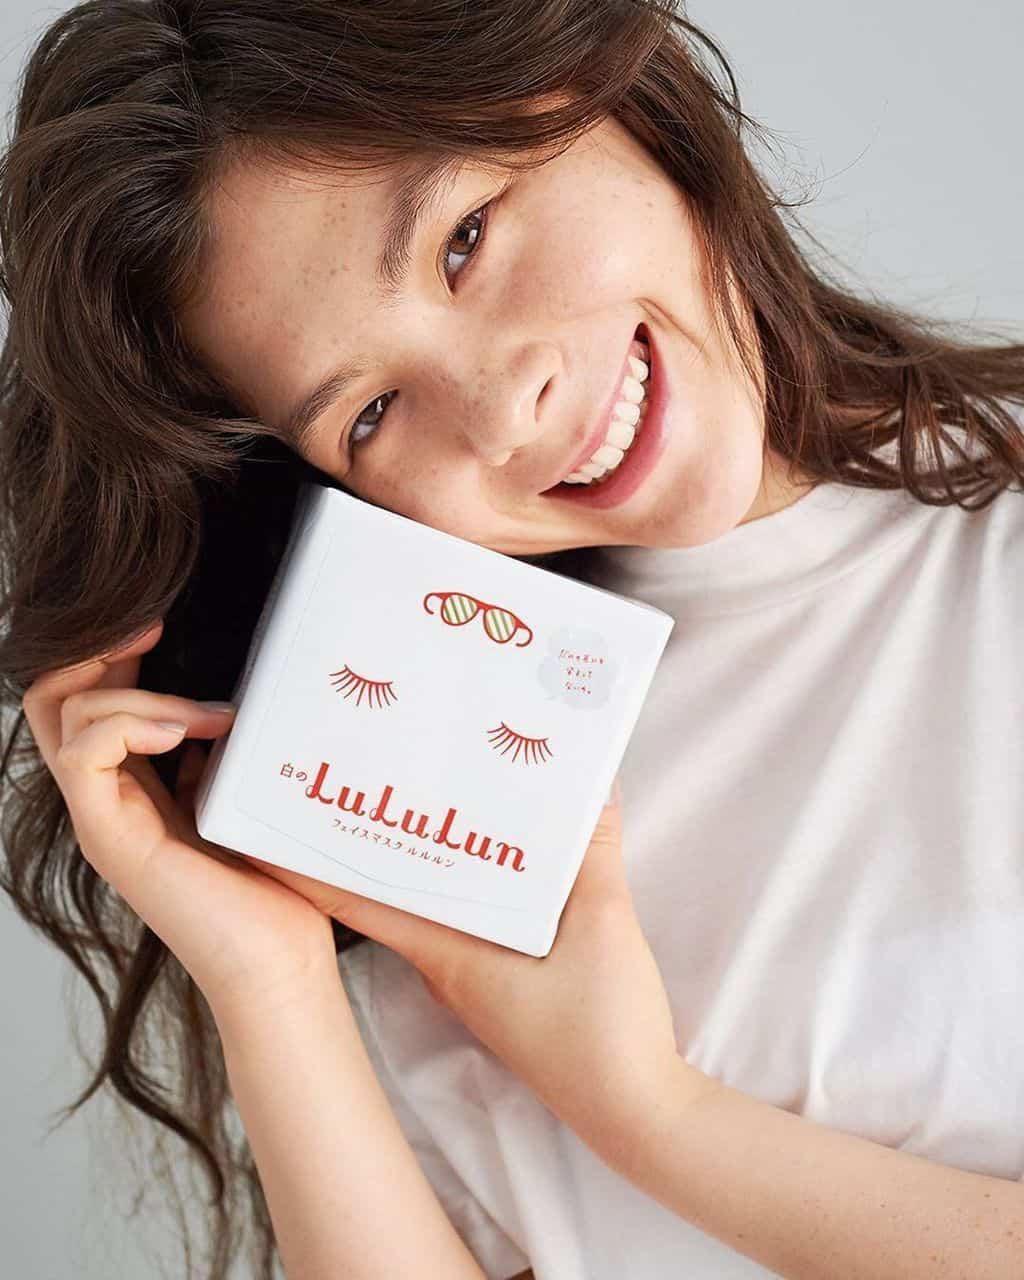 フェイスマスクの『ルルルン』が花嫁さんを応援♡最大1年分のパックをプレゼント!のカバー写真 1.25